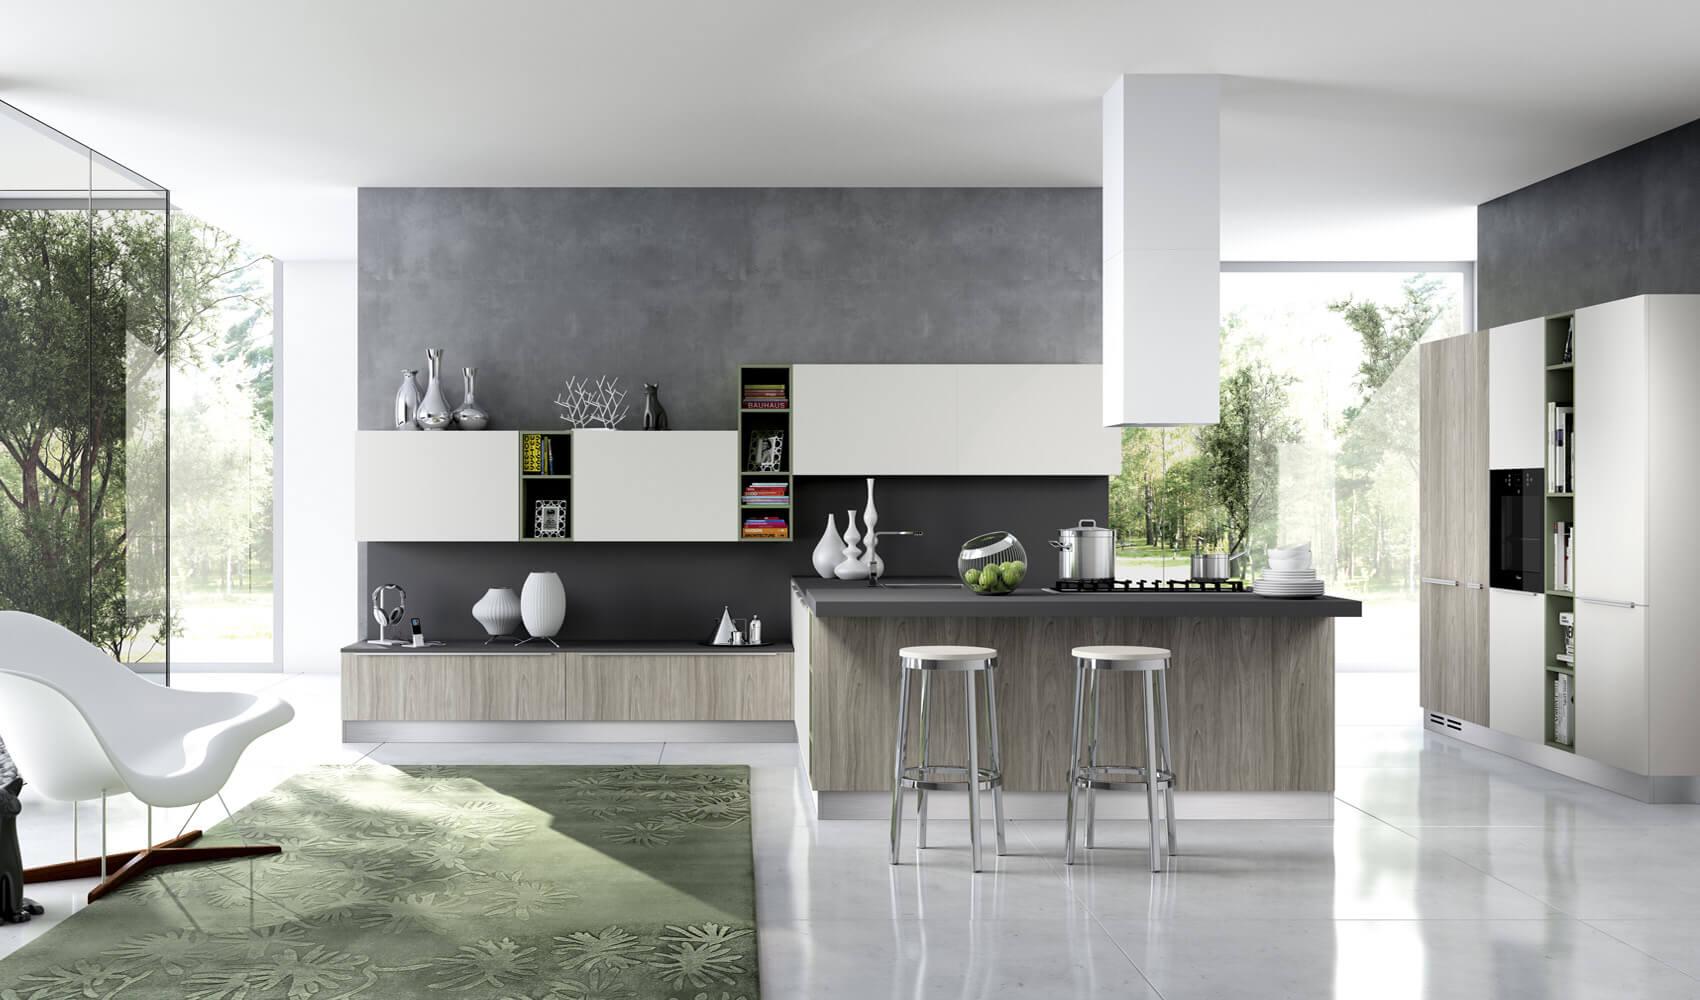 Modern popular art kitchen design